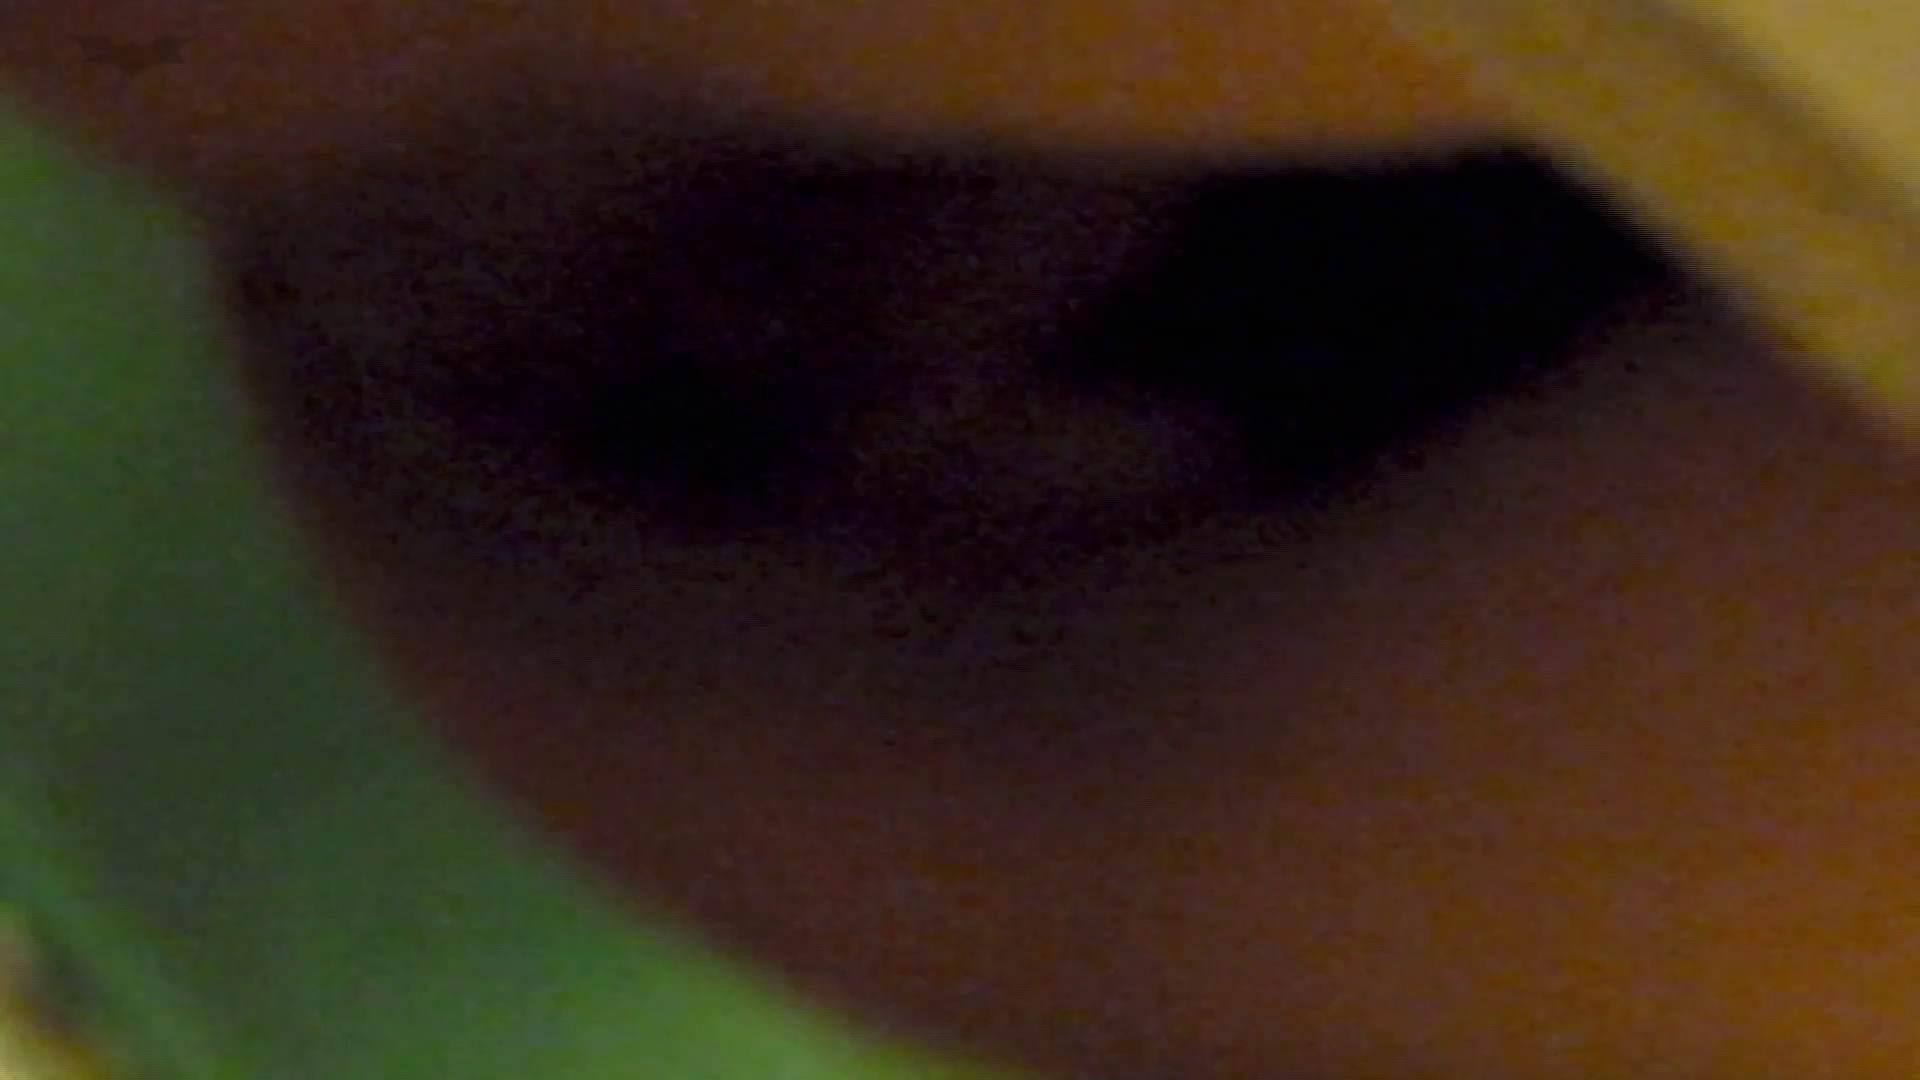 新世界の射窓 No78 トリンドル 玲奈似登場シリーズ美女率最高作! 盛合せ  103画像 78